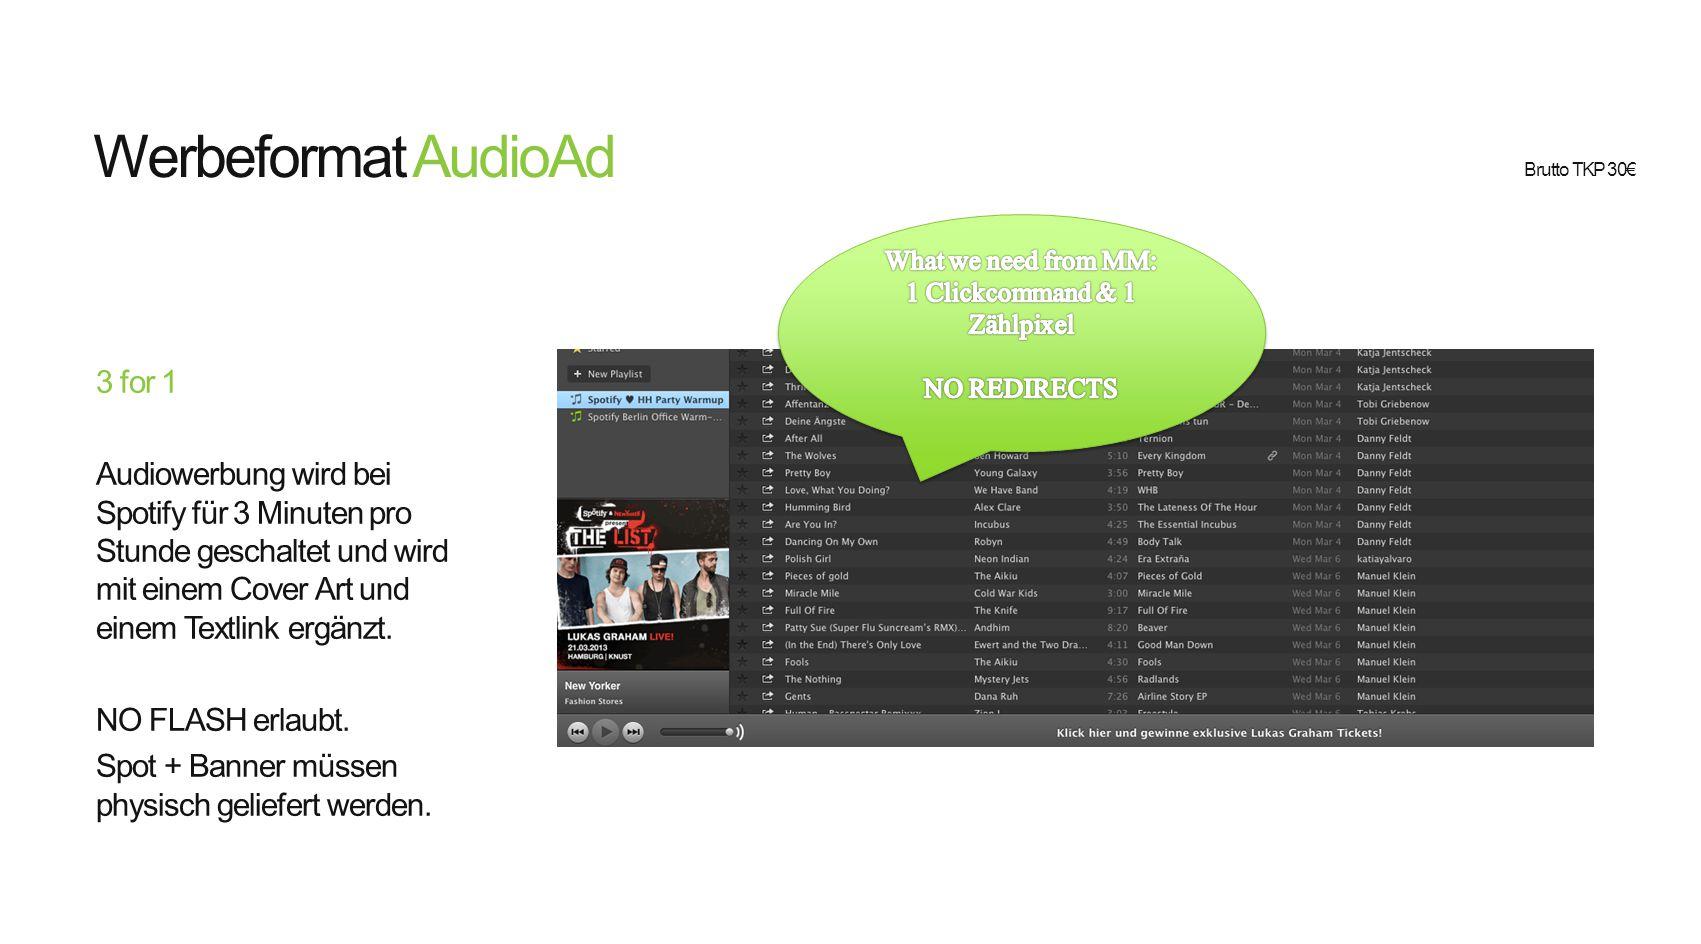 Werbeformat Beispiel Display + Lightbox Die Lightbox ist eine Microsite/Landingpage, die sich innerhalb von Spotify öffnet, sobald der Nutzer auf ein Werbemittel (Audio, Display oder HPTO) klickt.